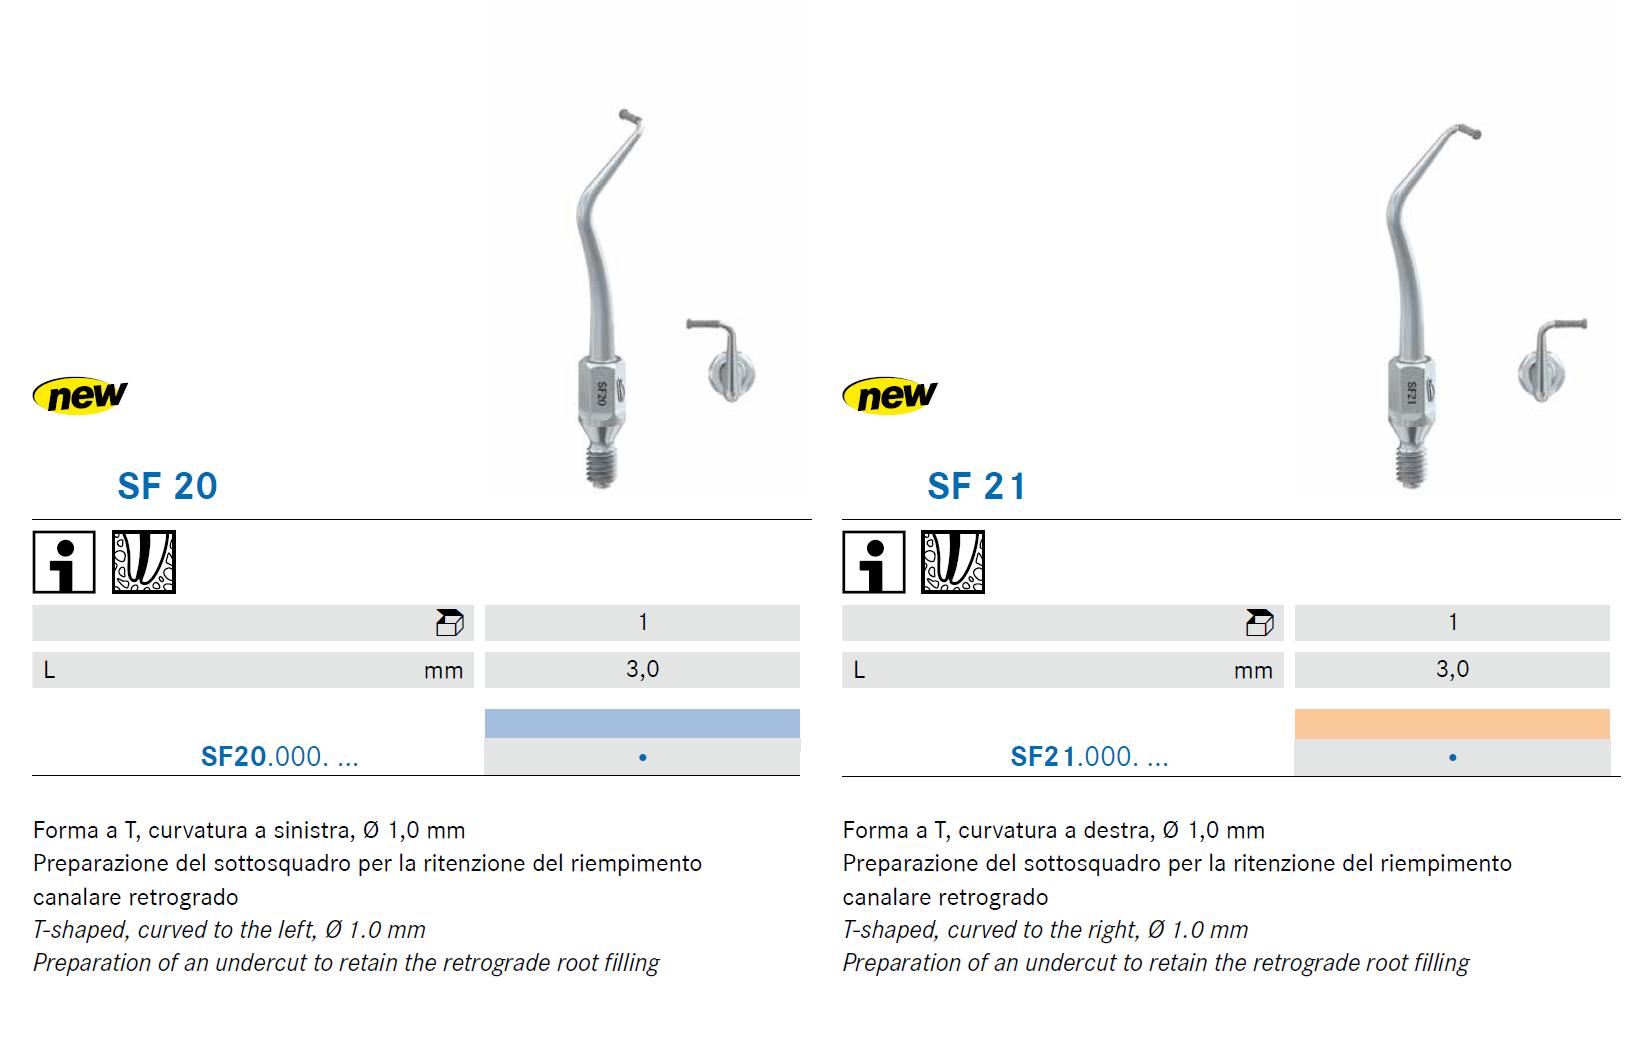 Punte soniche per endodonzia SF20 e SF21